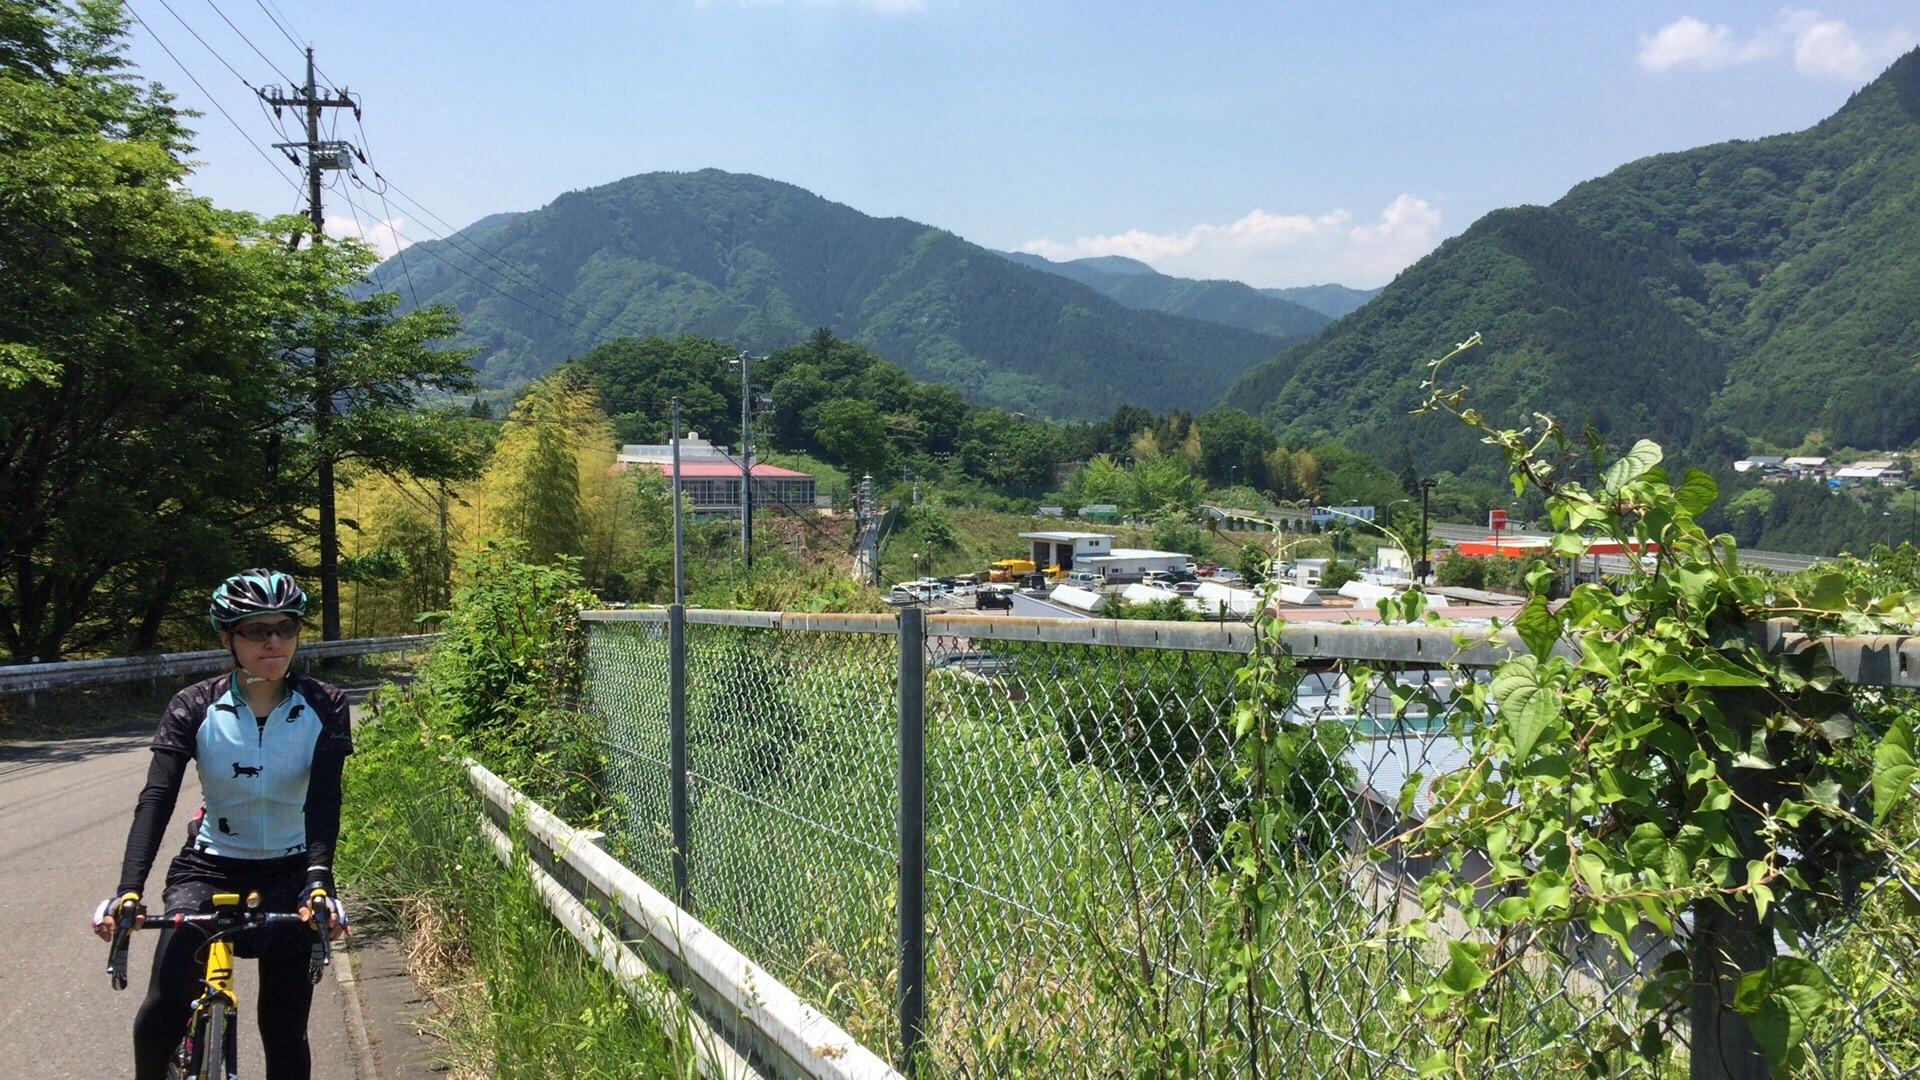 f:id:mfj_maap_jp:20170528074144j:image